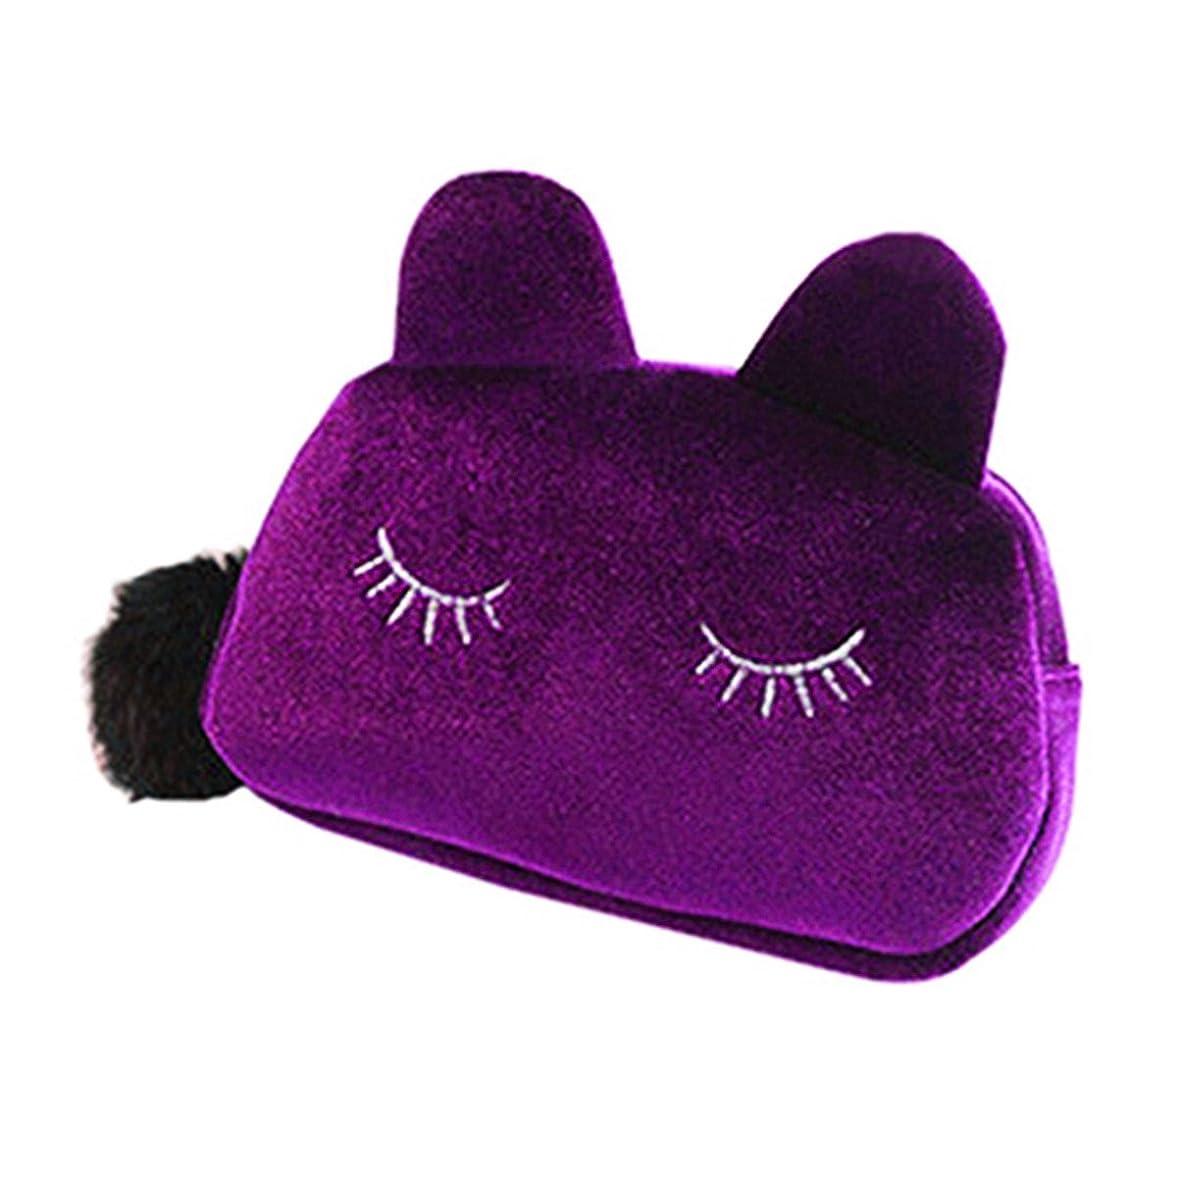 バタフライ着替える頼る猫 化粧ポーチ バニティベロア ポンポン付き パープル